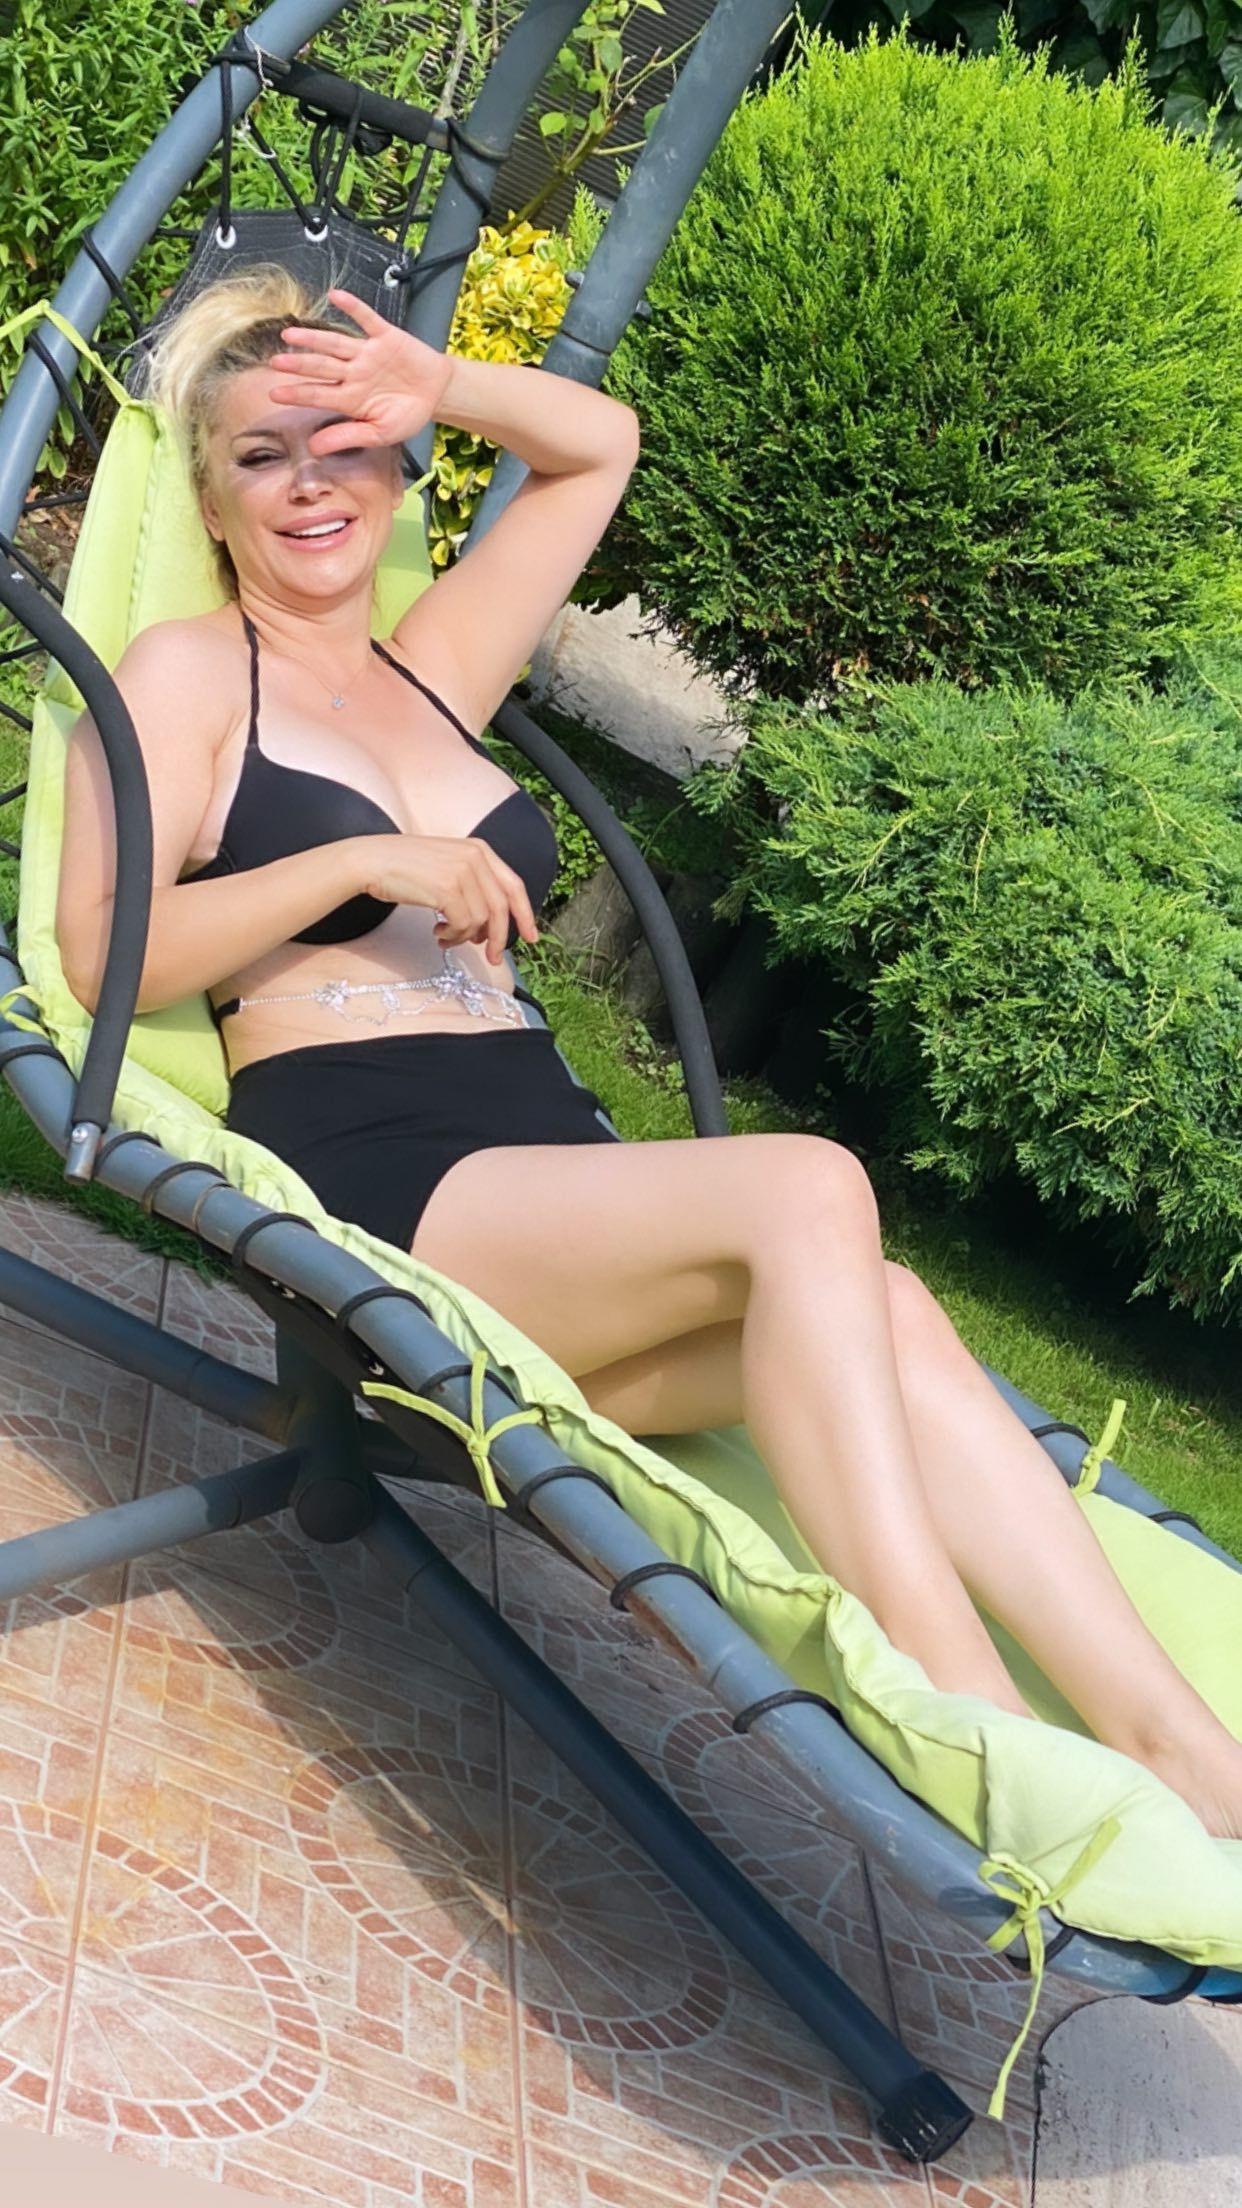 Songül Karlı yaz sezonunu açtı! Bikinili pozlarını peş peşe paylaştı - Sayfa 2